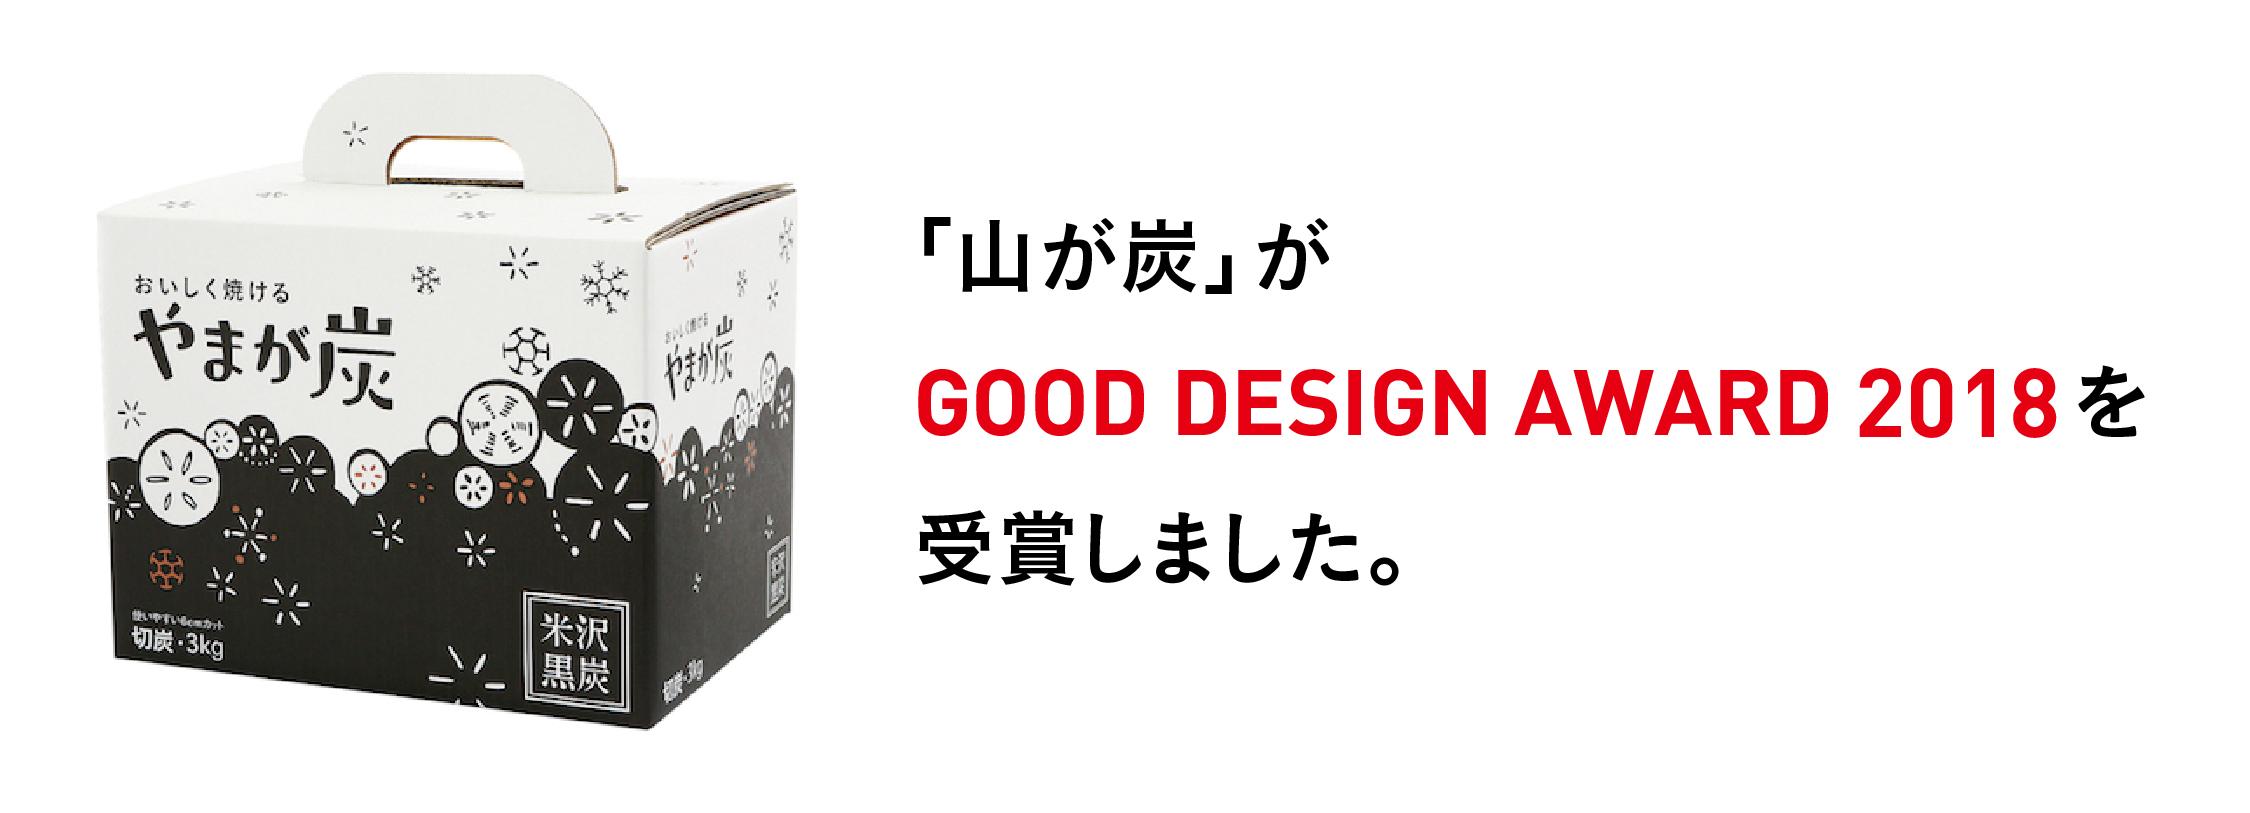 スクリーンショット:「やまが炭」がグッドデザイン賞を受賞!のページ